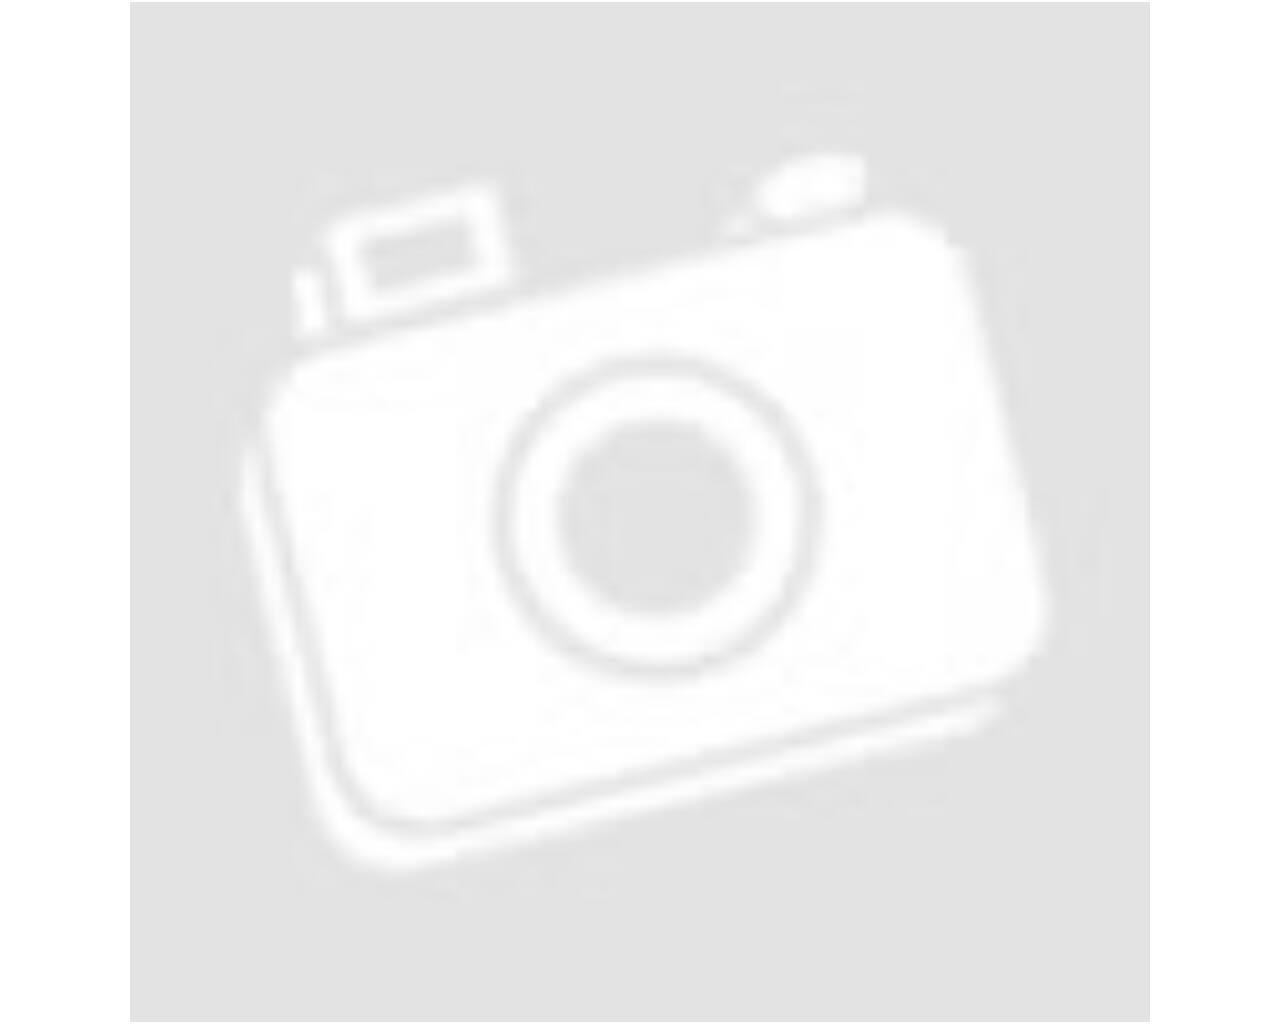 Beltéri / kültéri gránit párkány, G5664, 840 x 200 x 15 mm